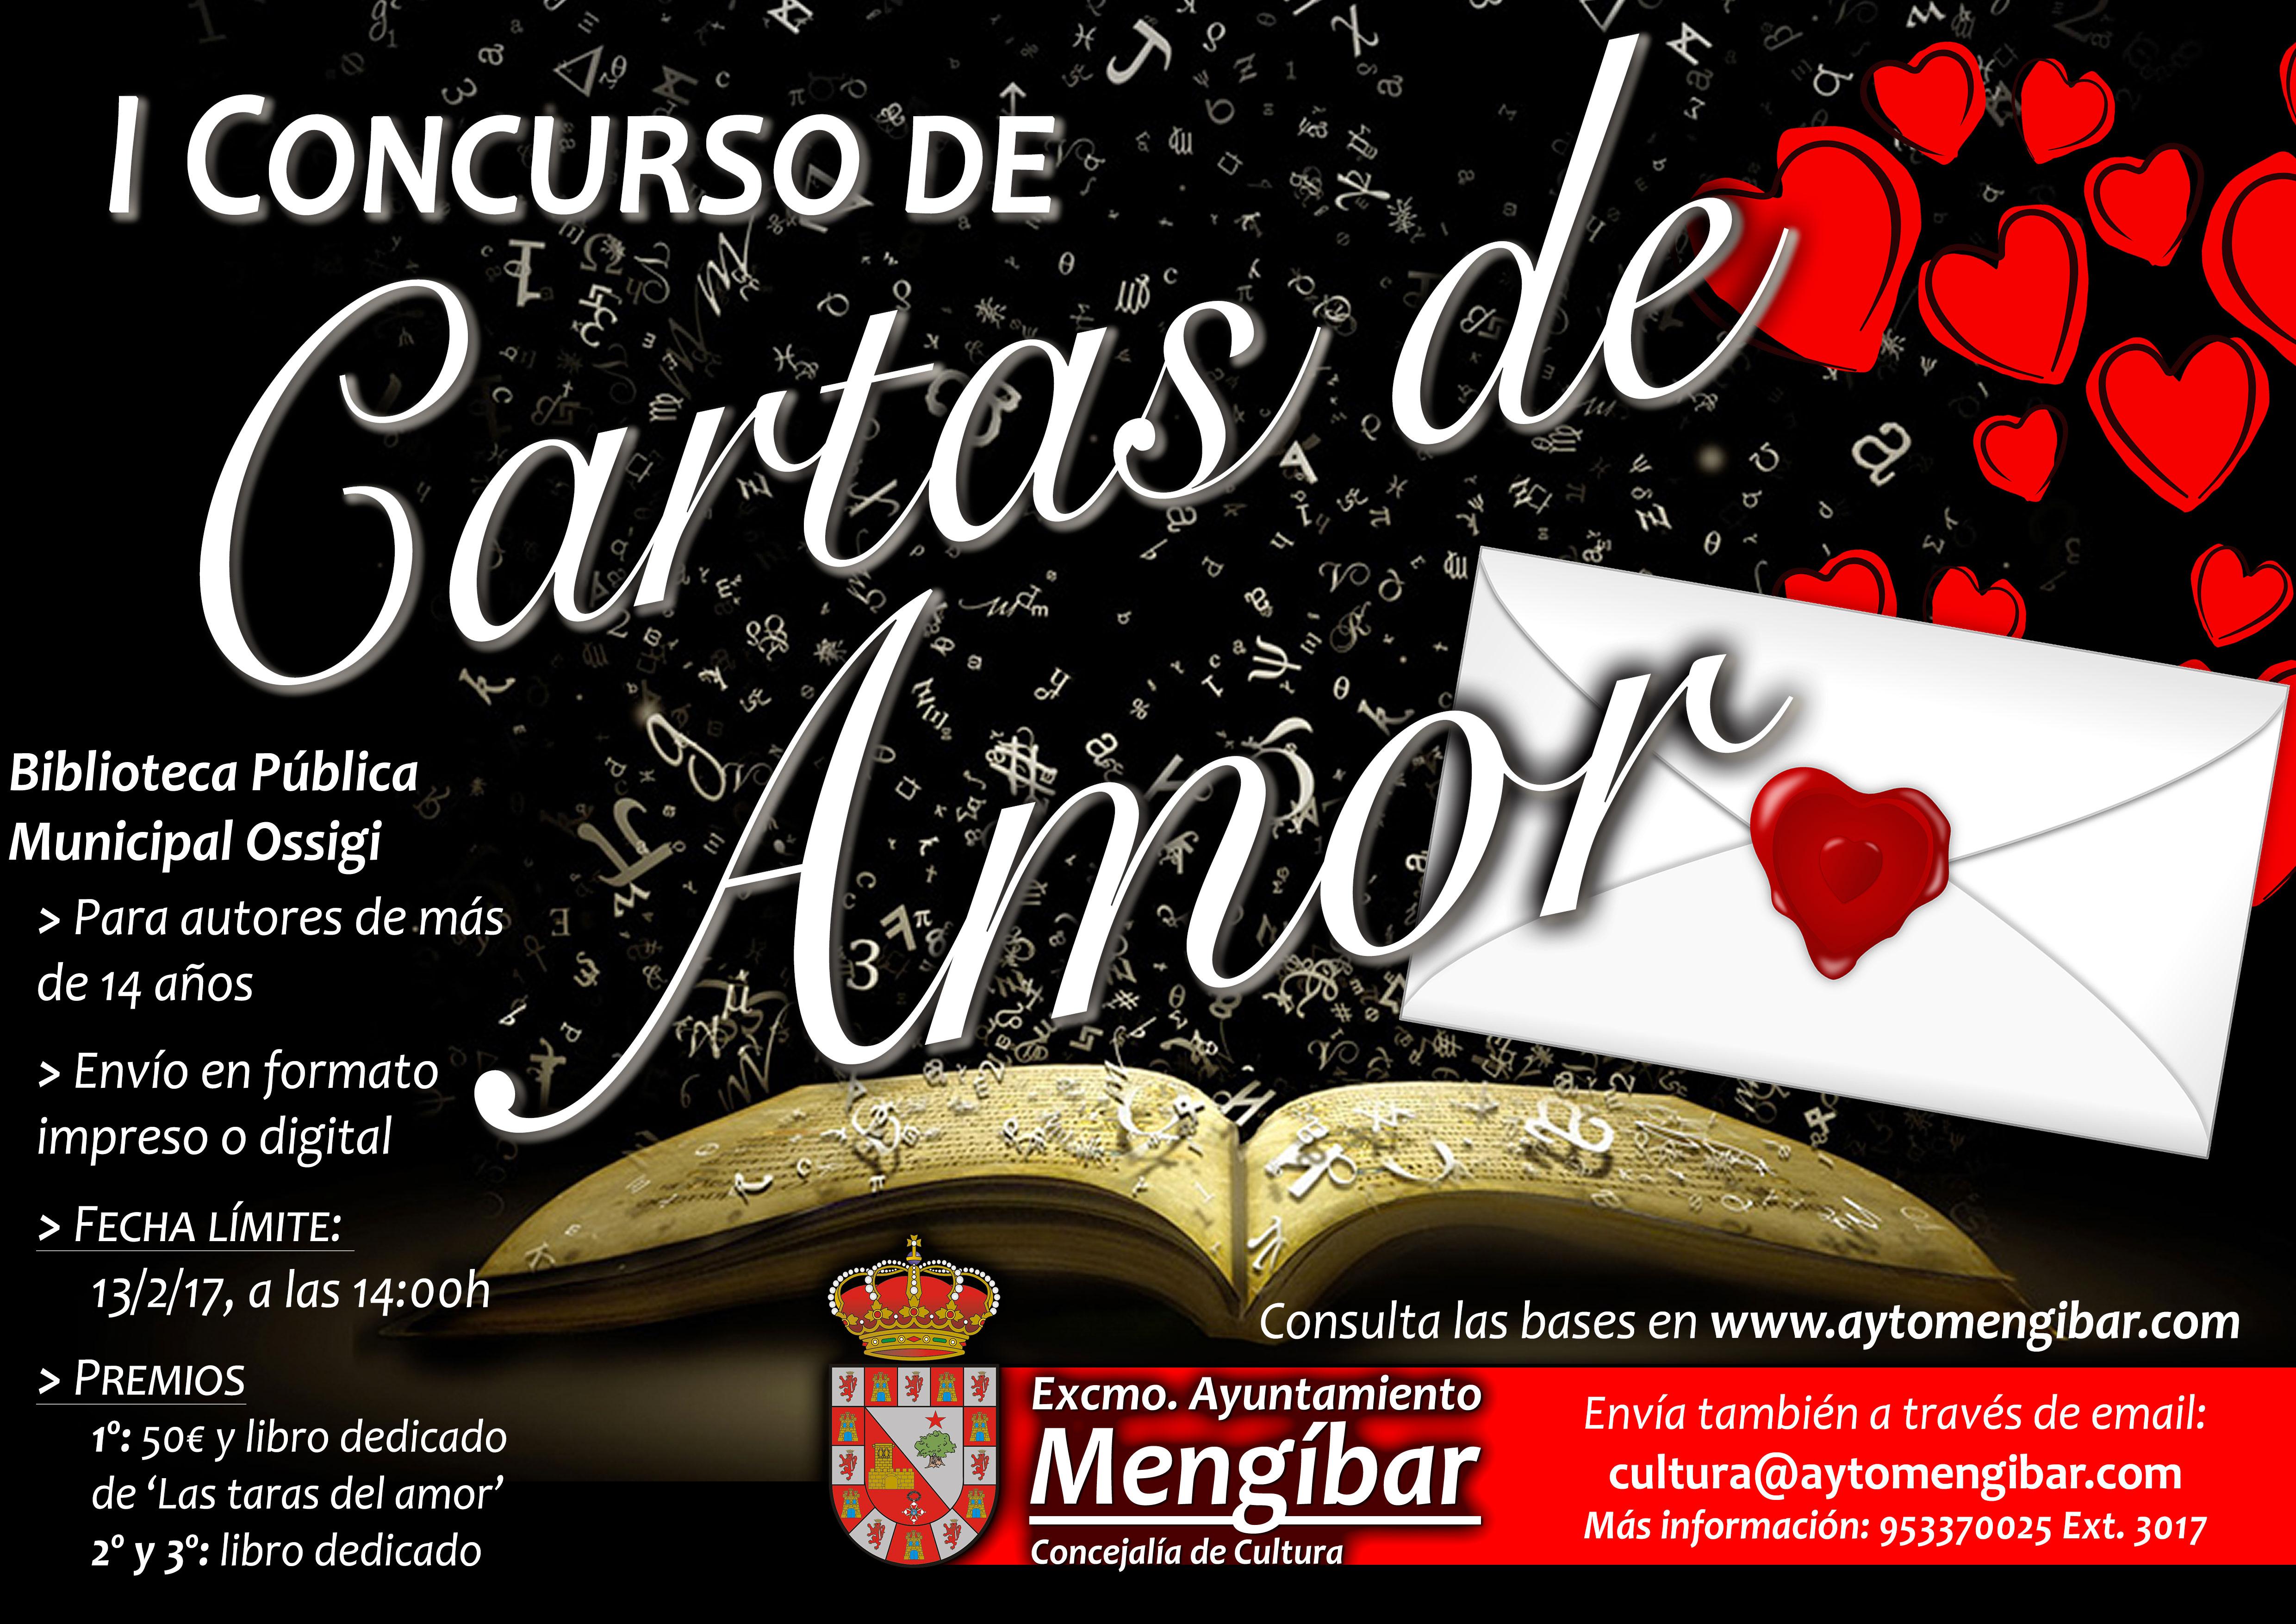 CARTEL-CONCURSO-CARTAS-DE-AMOR